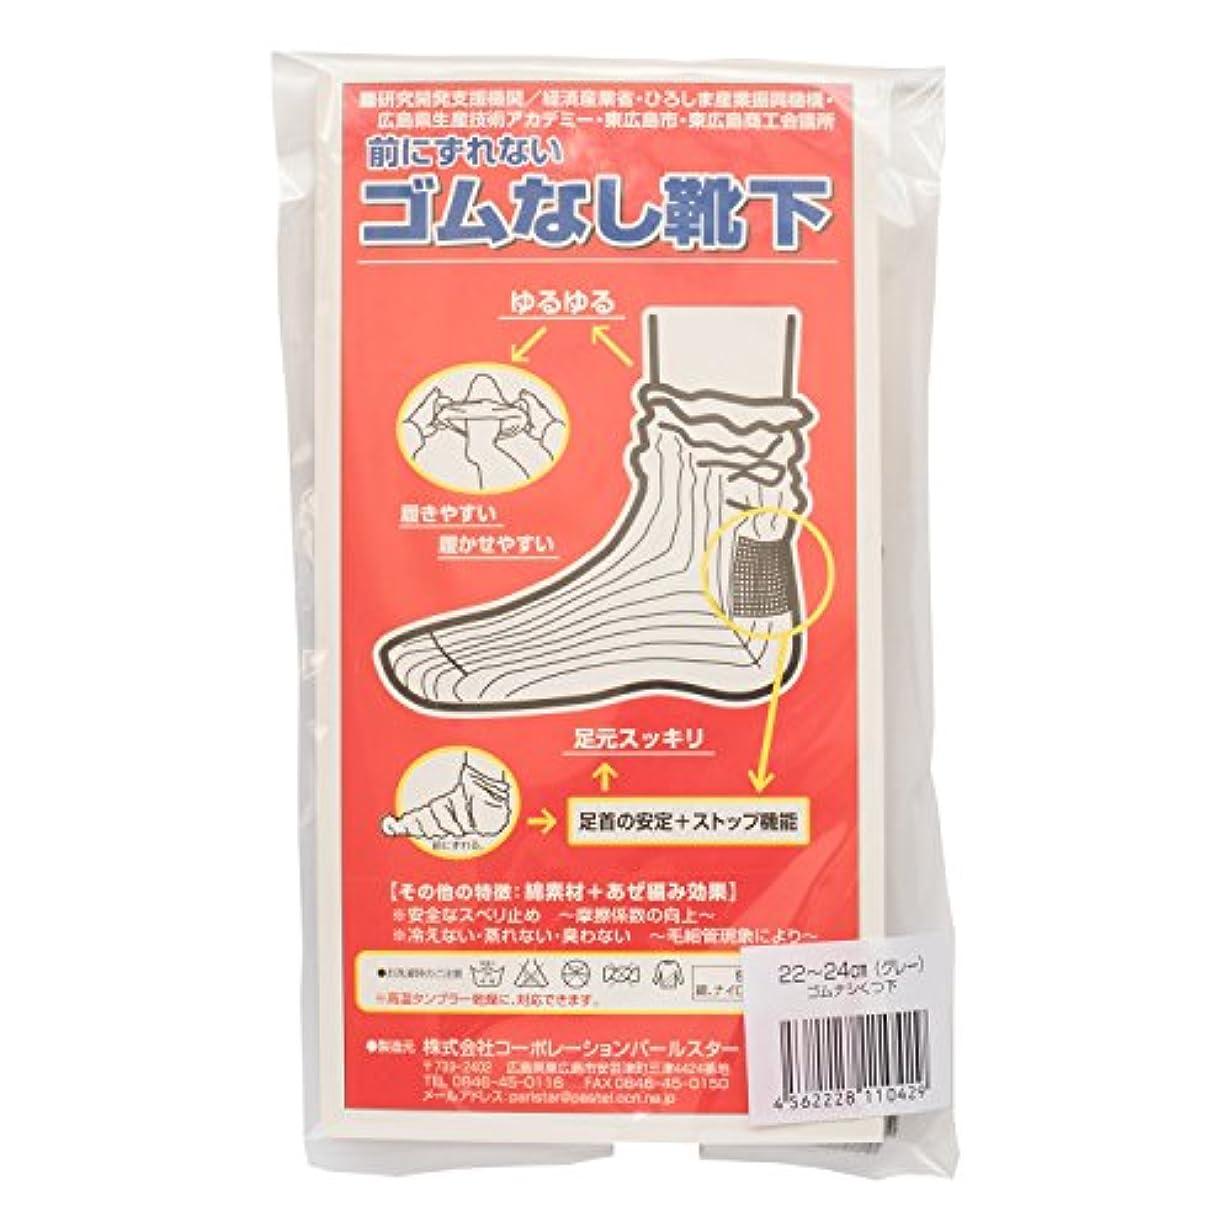 コーポレーションパールスター 前にずれない ゴムなし靴下 グレー 22~24cm